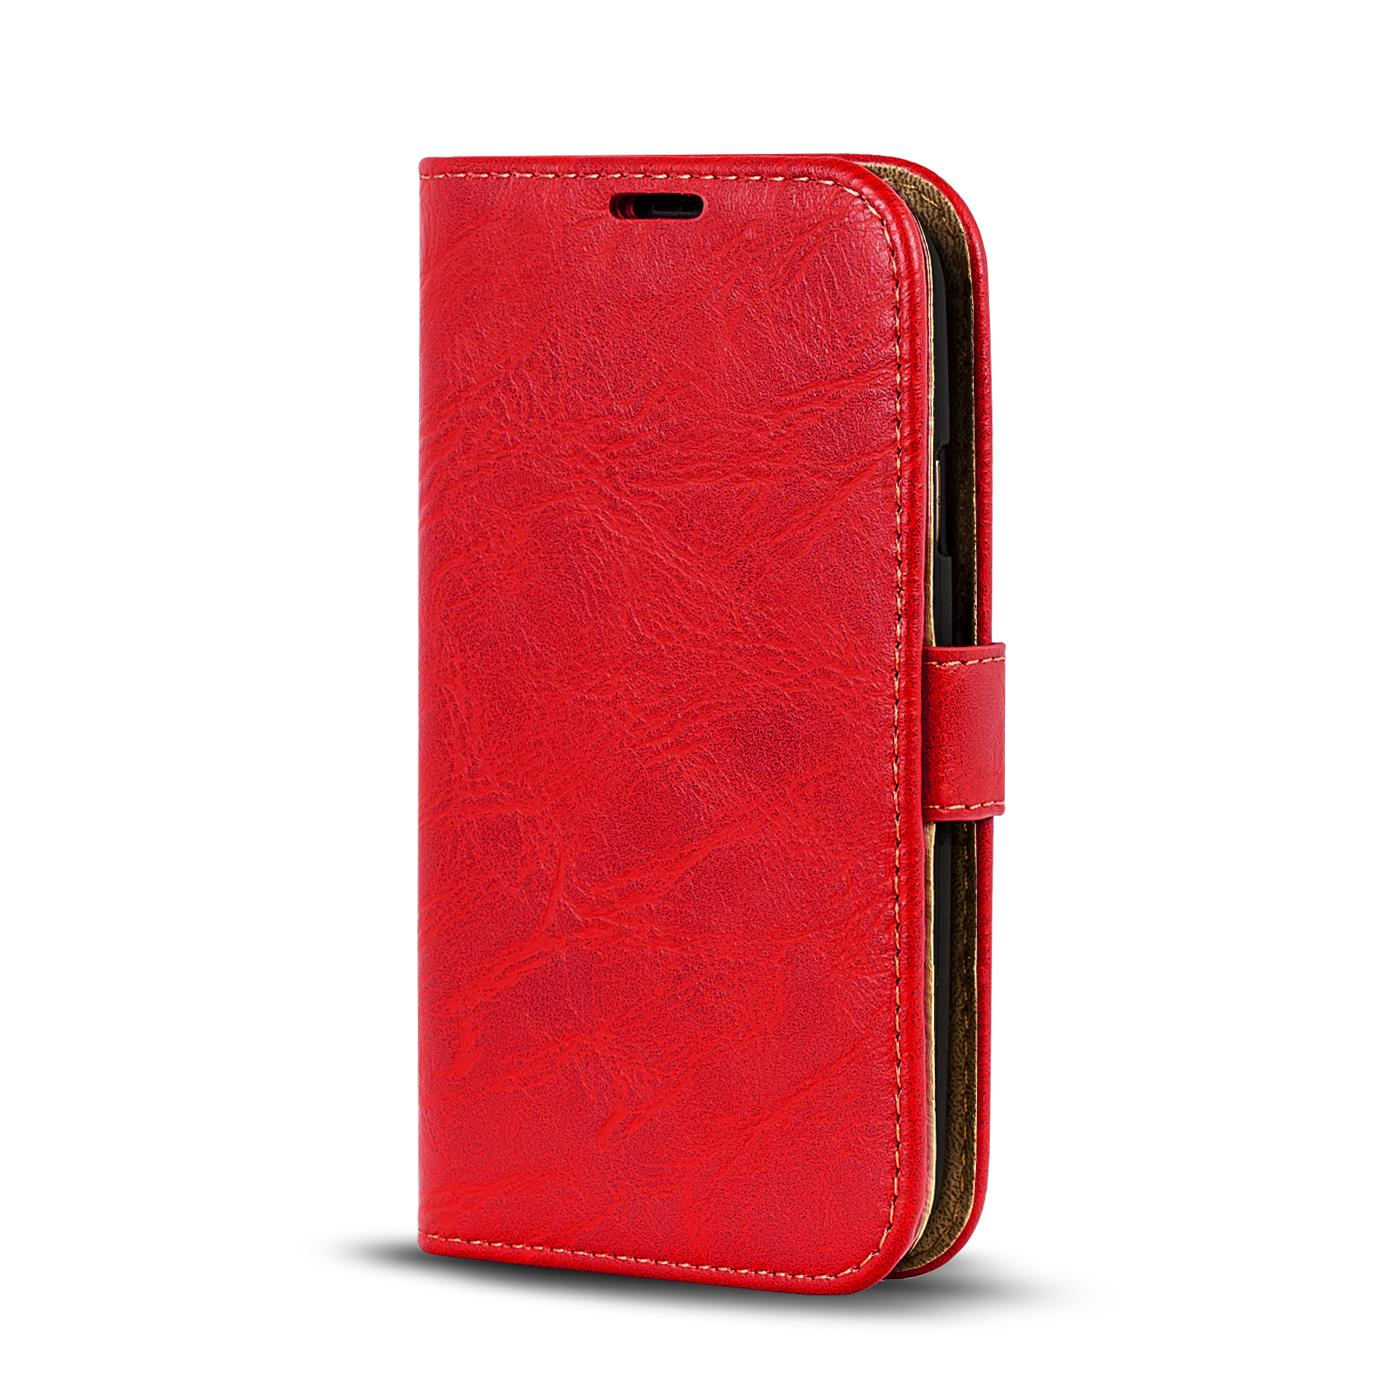 Klapphuelle-Samsung-Galaxy-S3-Mini-Huelle-Schutzhuelle-Wallet-Cover-Flip-Case Indexbild 21